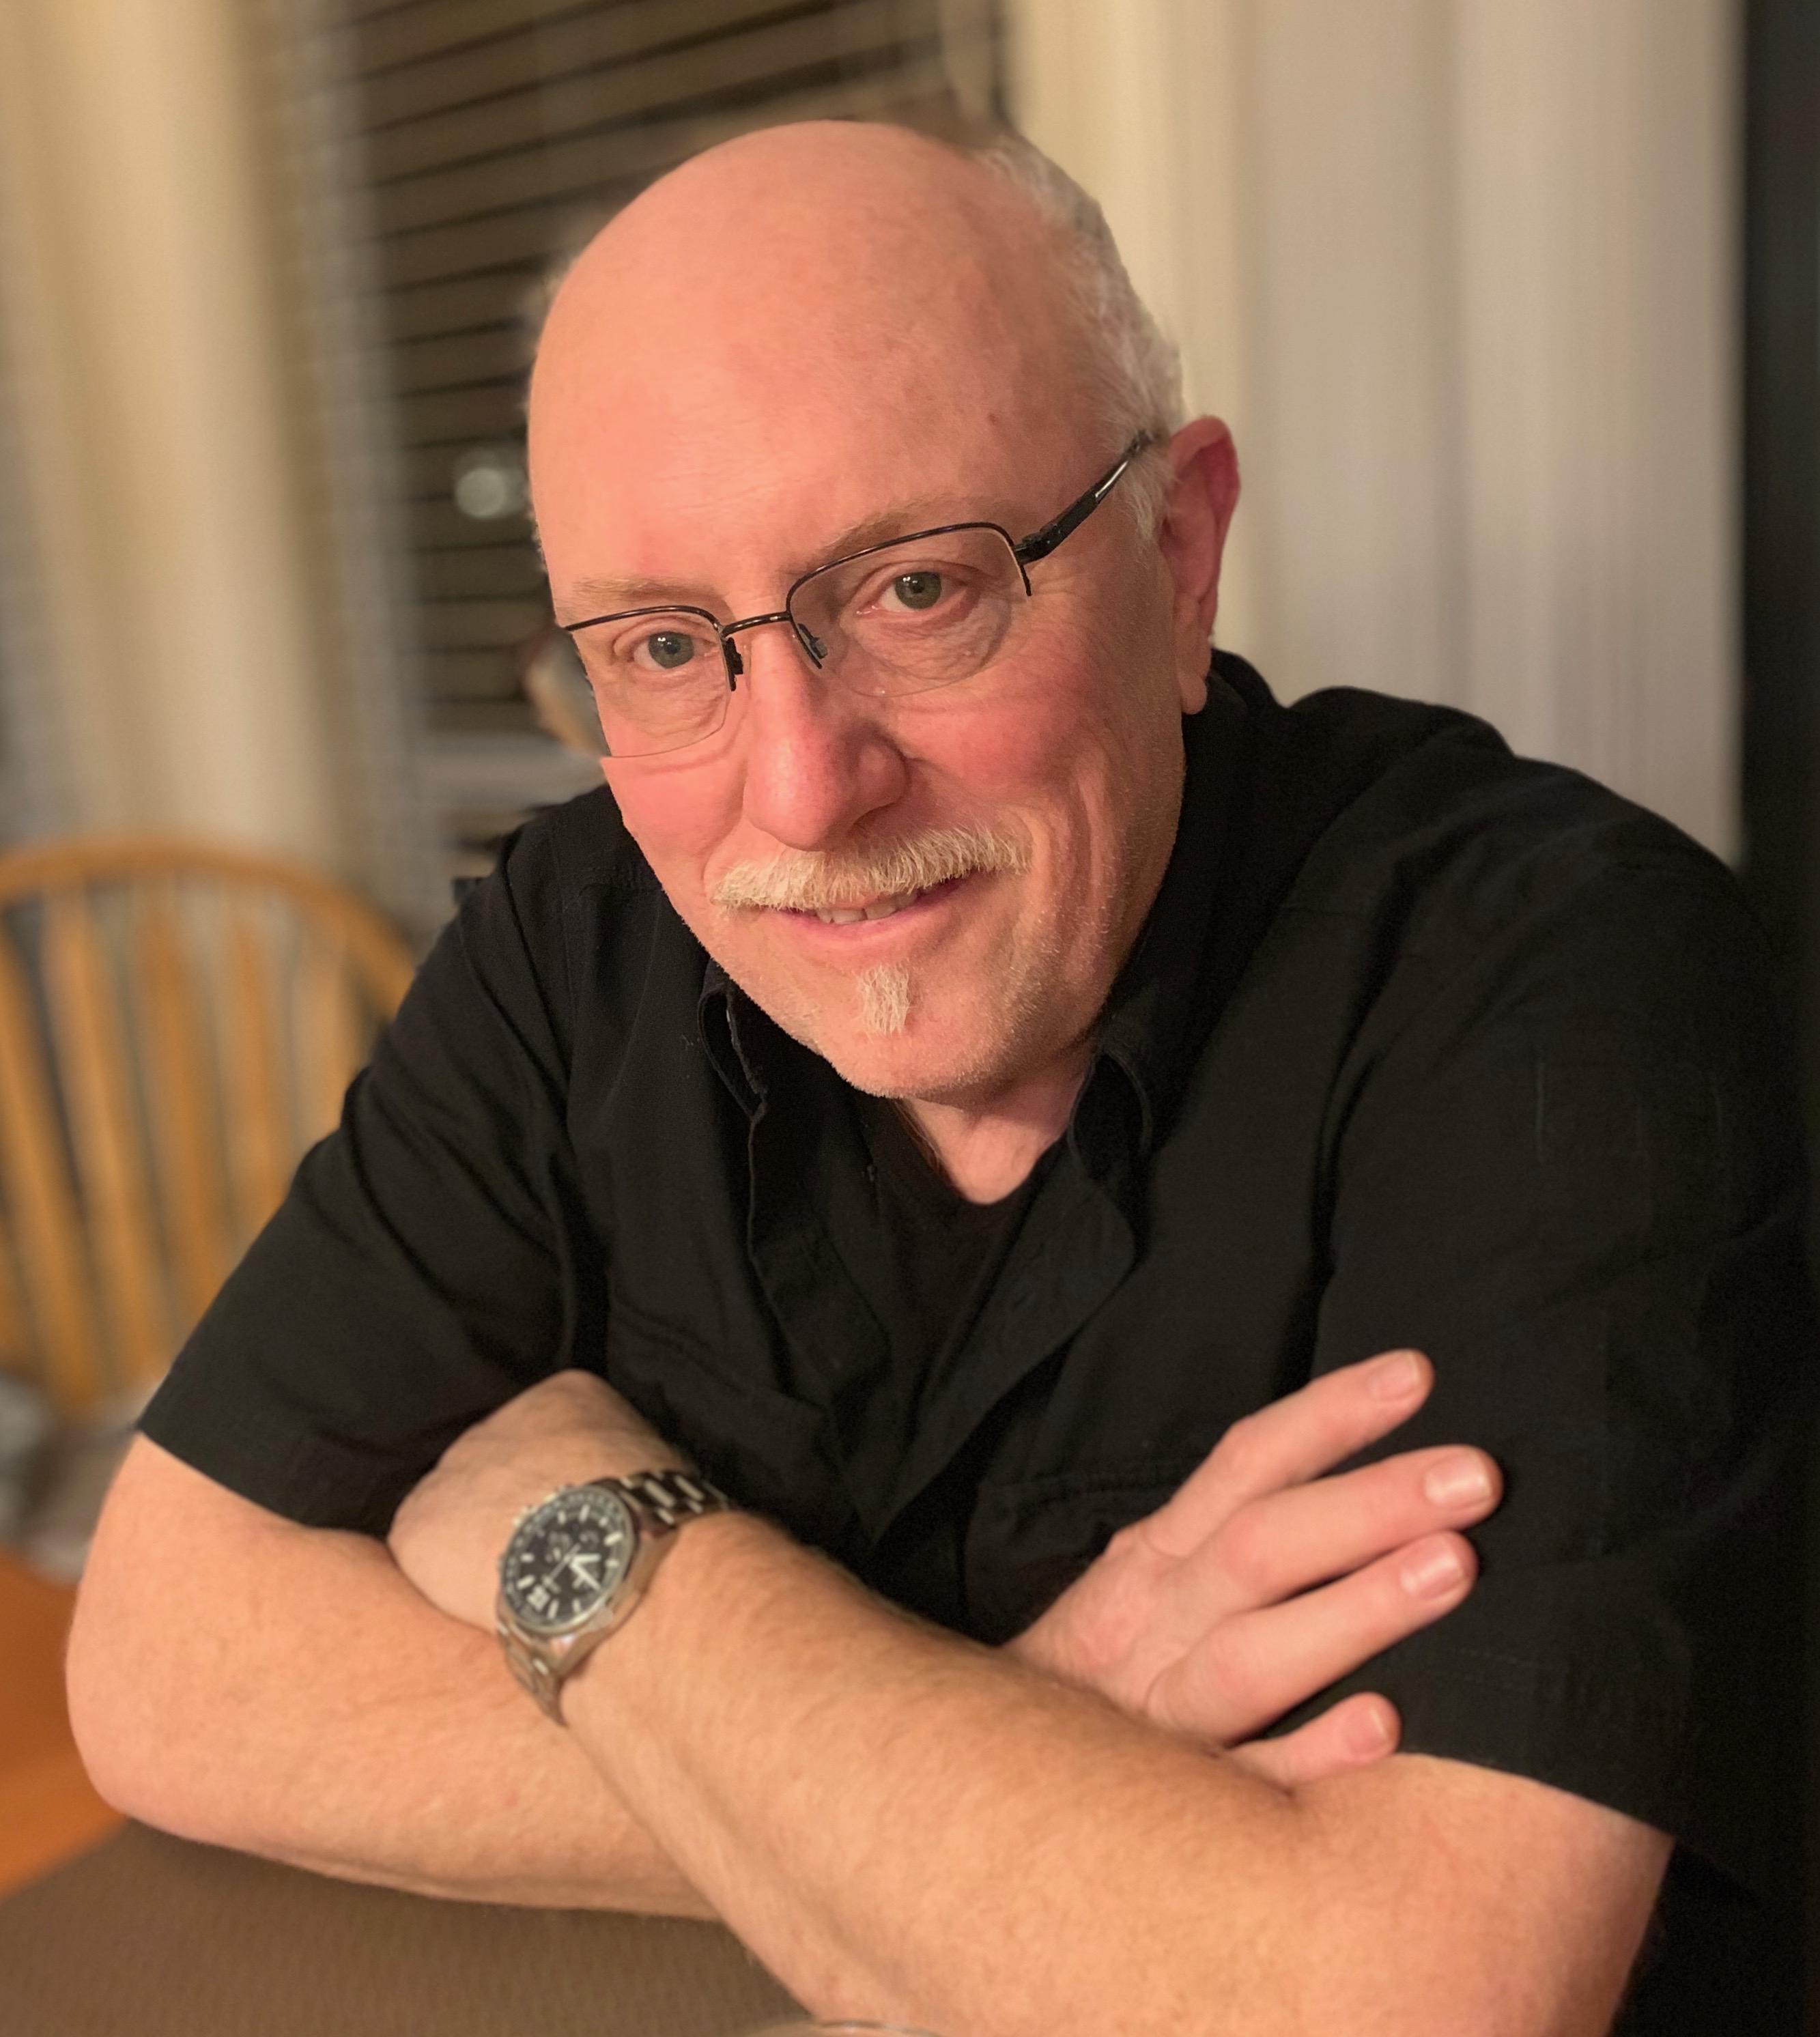 Douglas Peter Brandt